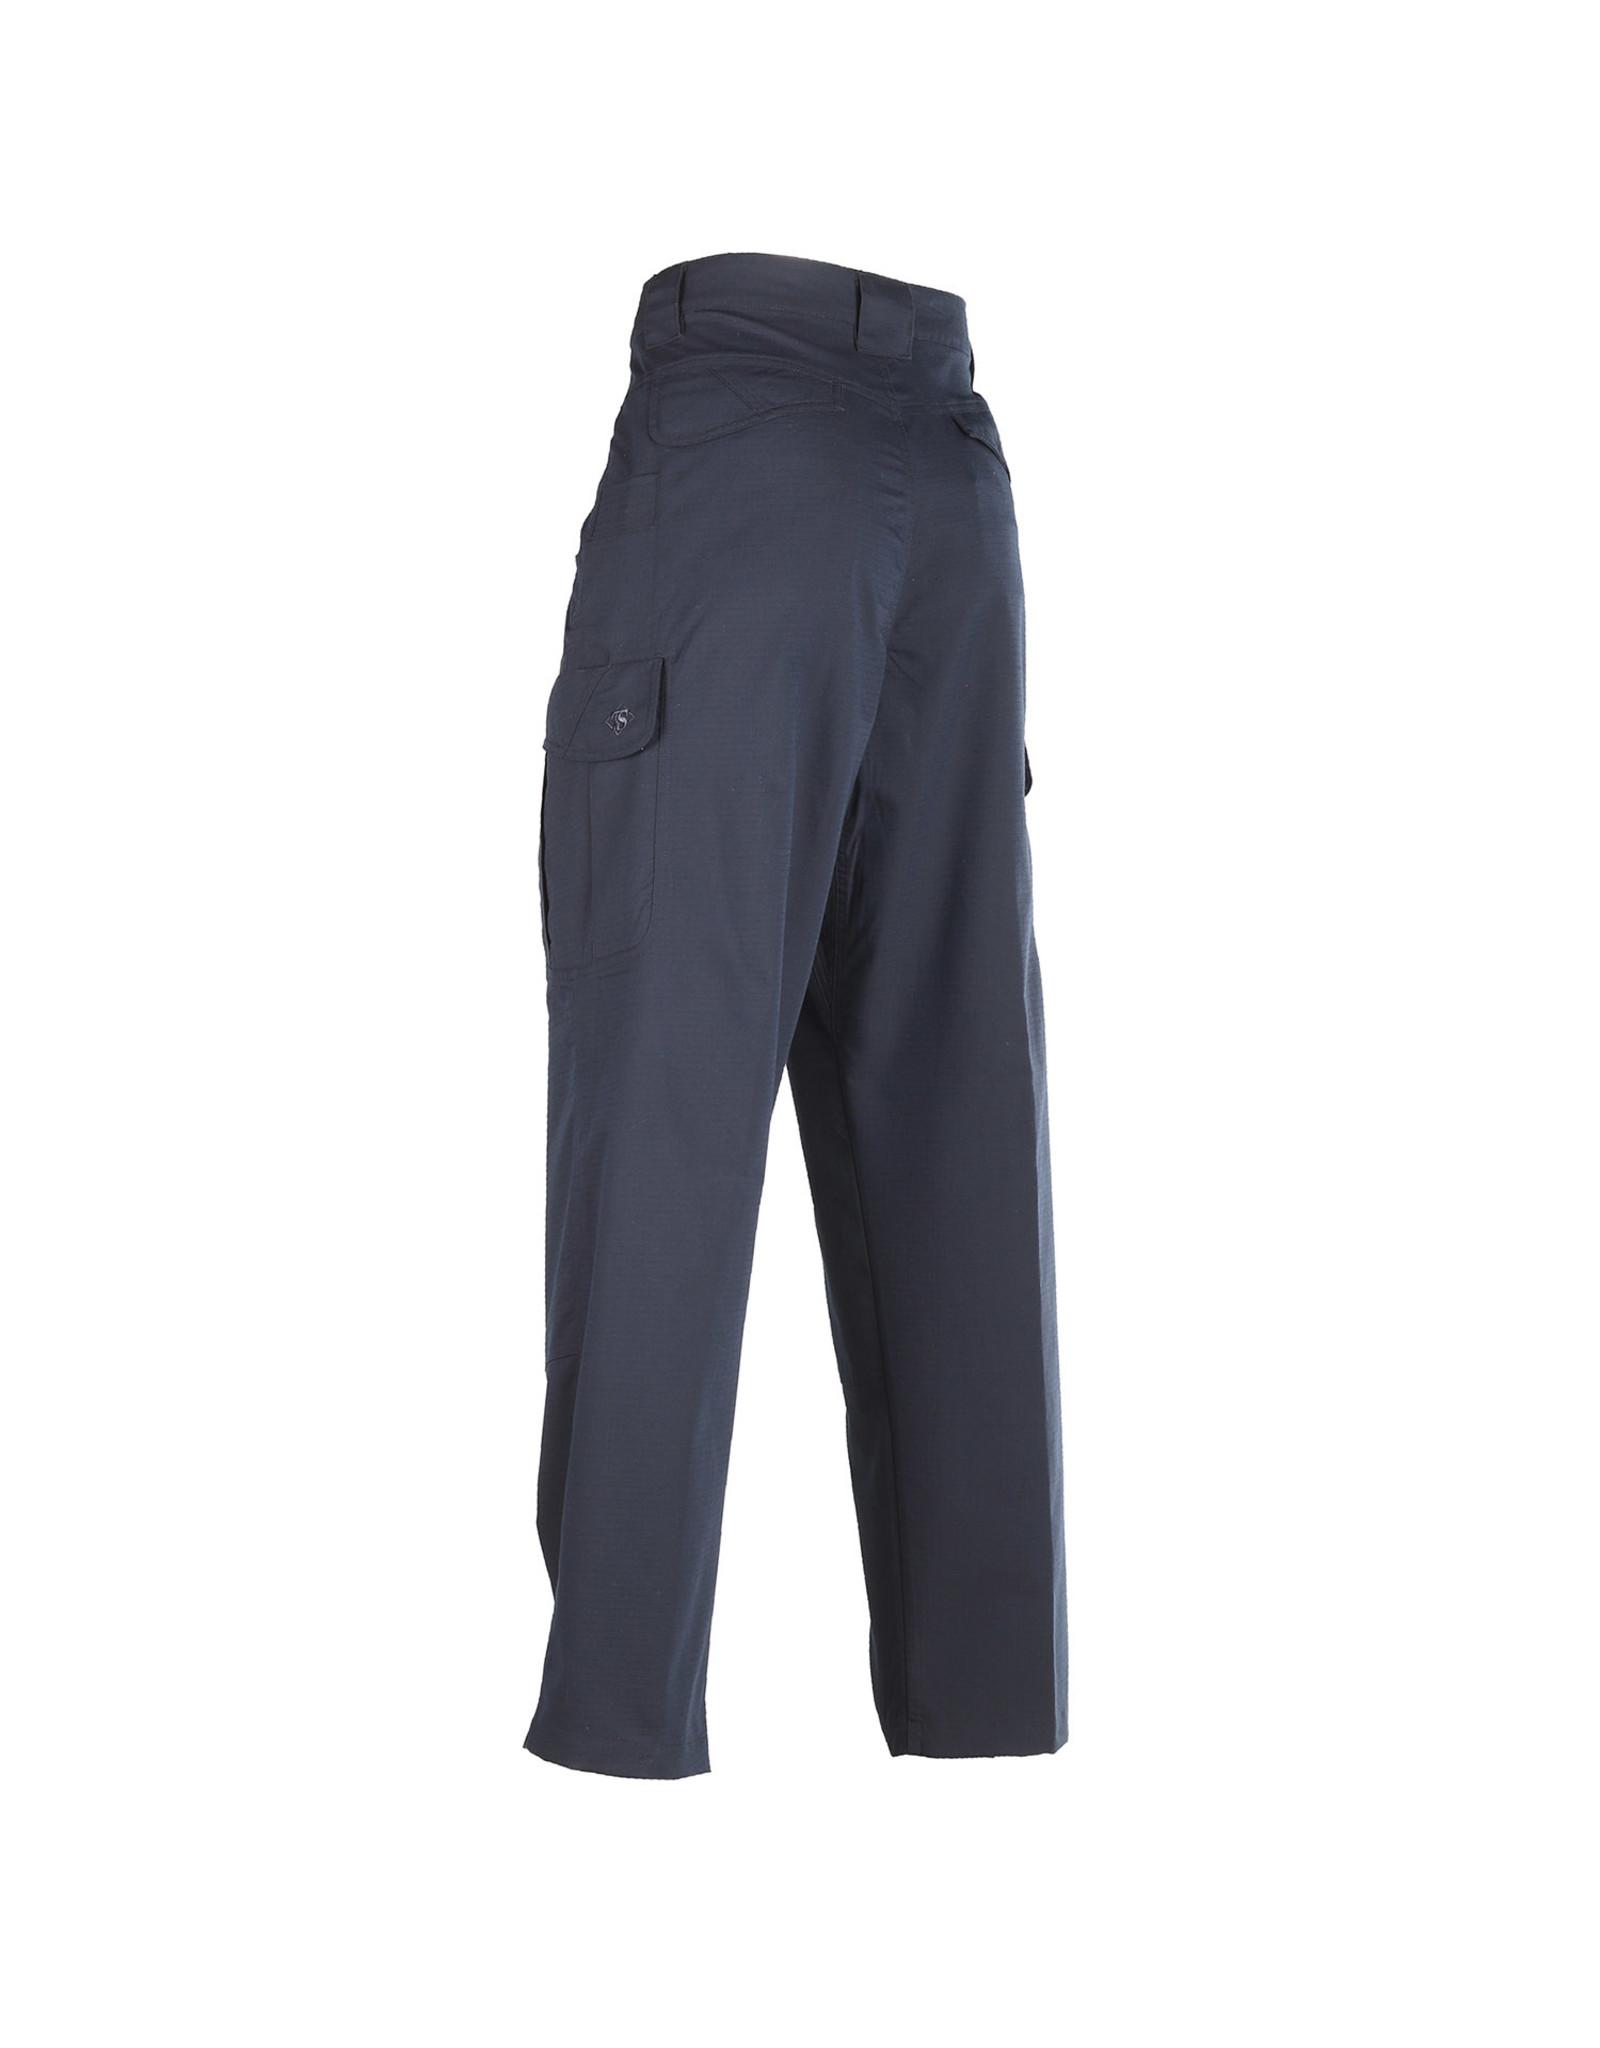 TRU-SPEC Ladies 24/7 Ascent Pant